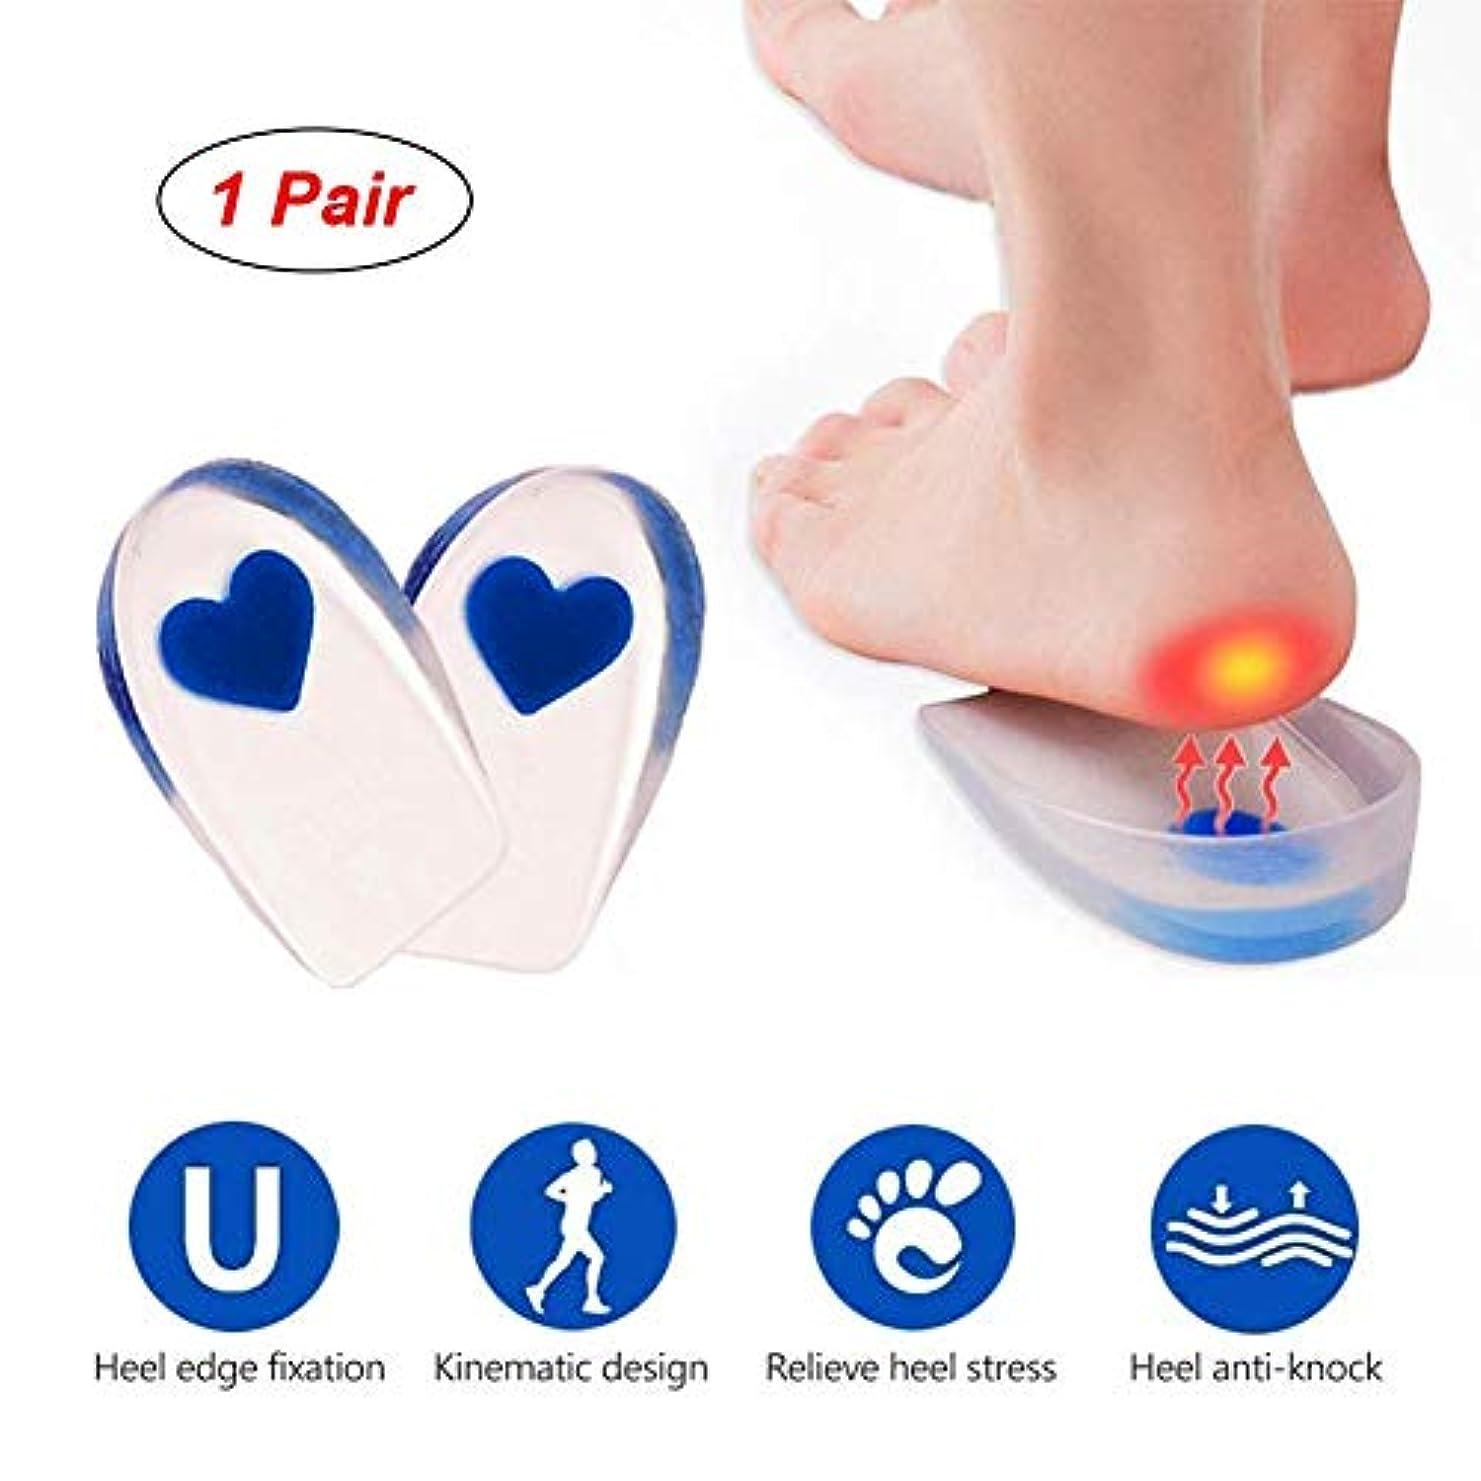 トリムチロ瞑想的ジェルヒールカップ、足底筋膜炎用のシリコンヒールカップパッド、ヒールの痛みとアキレスの痛み、ジェルヒールカップとクッション吸収サポート(1ペア)Small-Blue